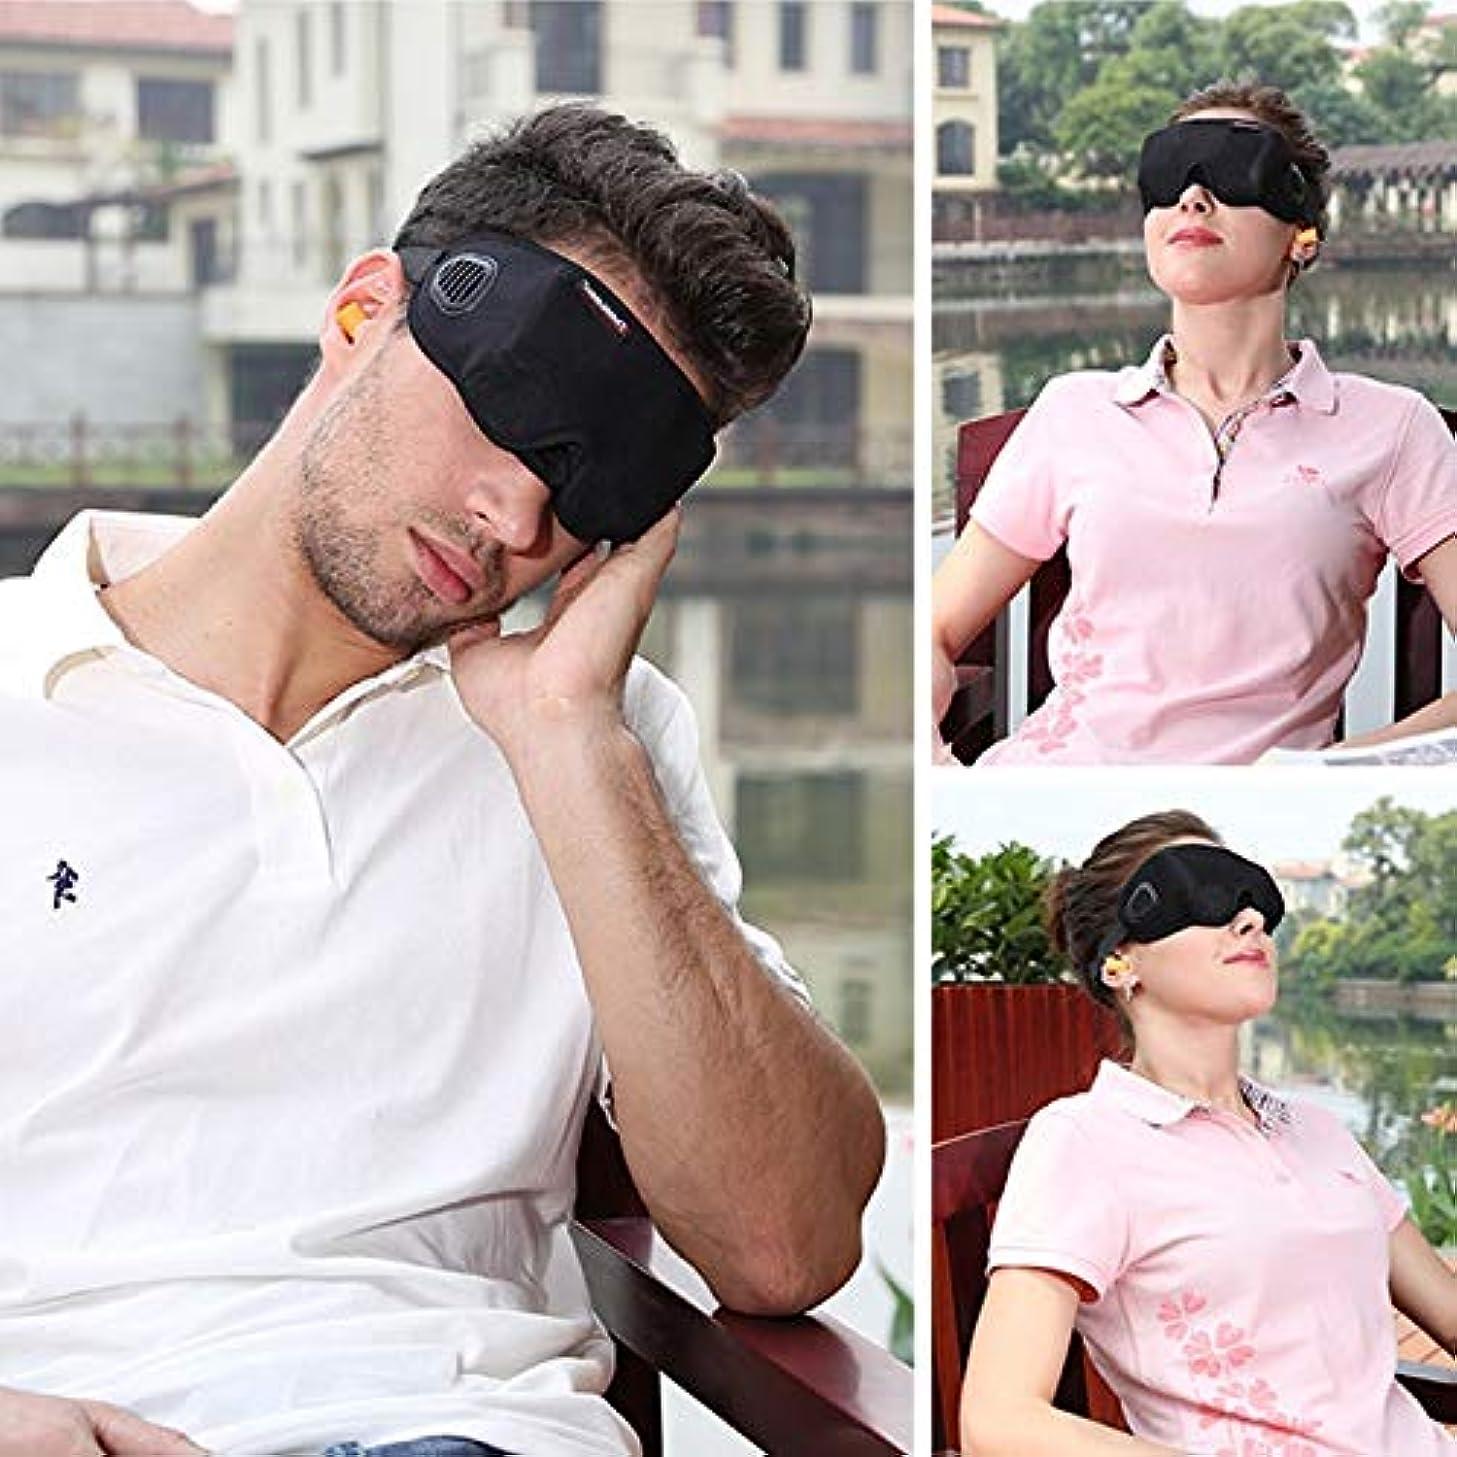 国速いキウイ注意ソフト通気性3Dスリーピングアイマスクアイシェードブラック包帯用スリープマスクブラックアイズカバー目隠し用睡眠旅行残り